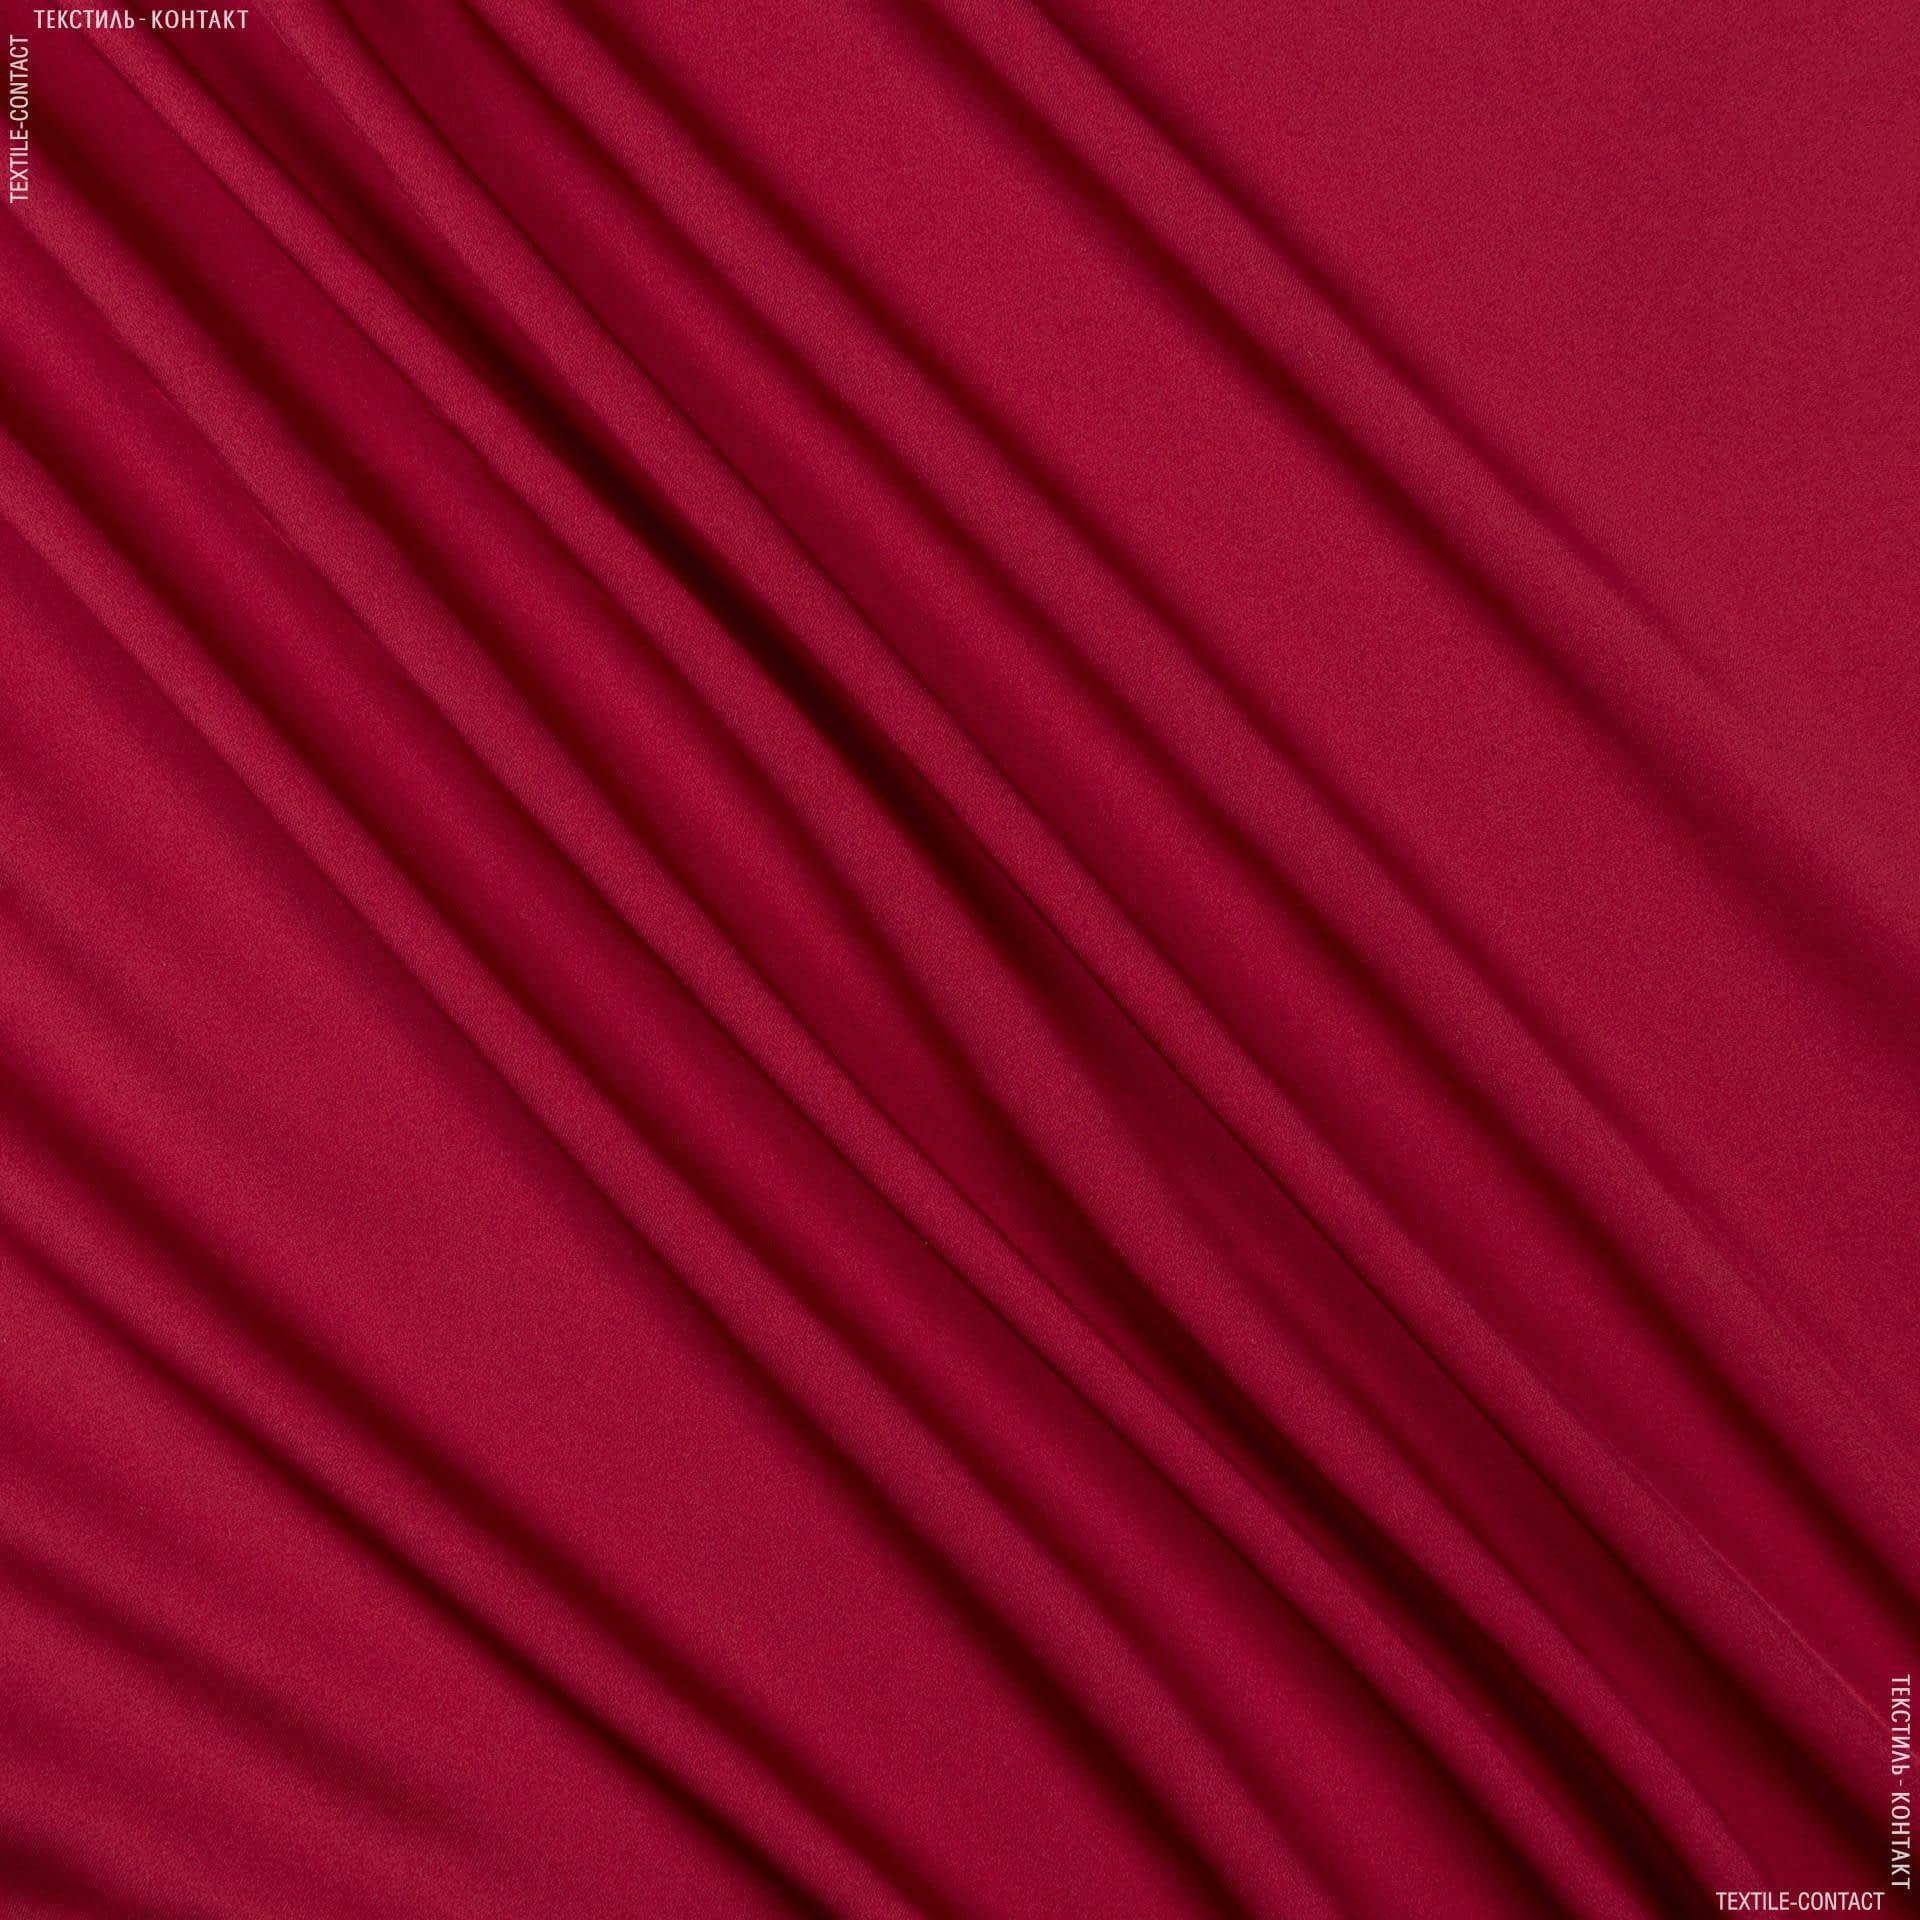 Ткани для платков и бандан - Шелк искусственный темно-красный